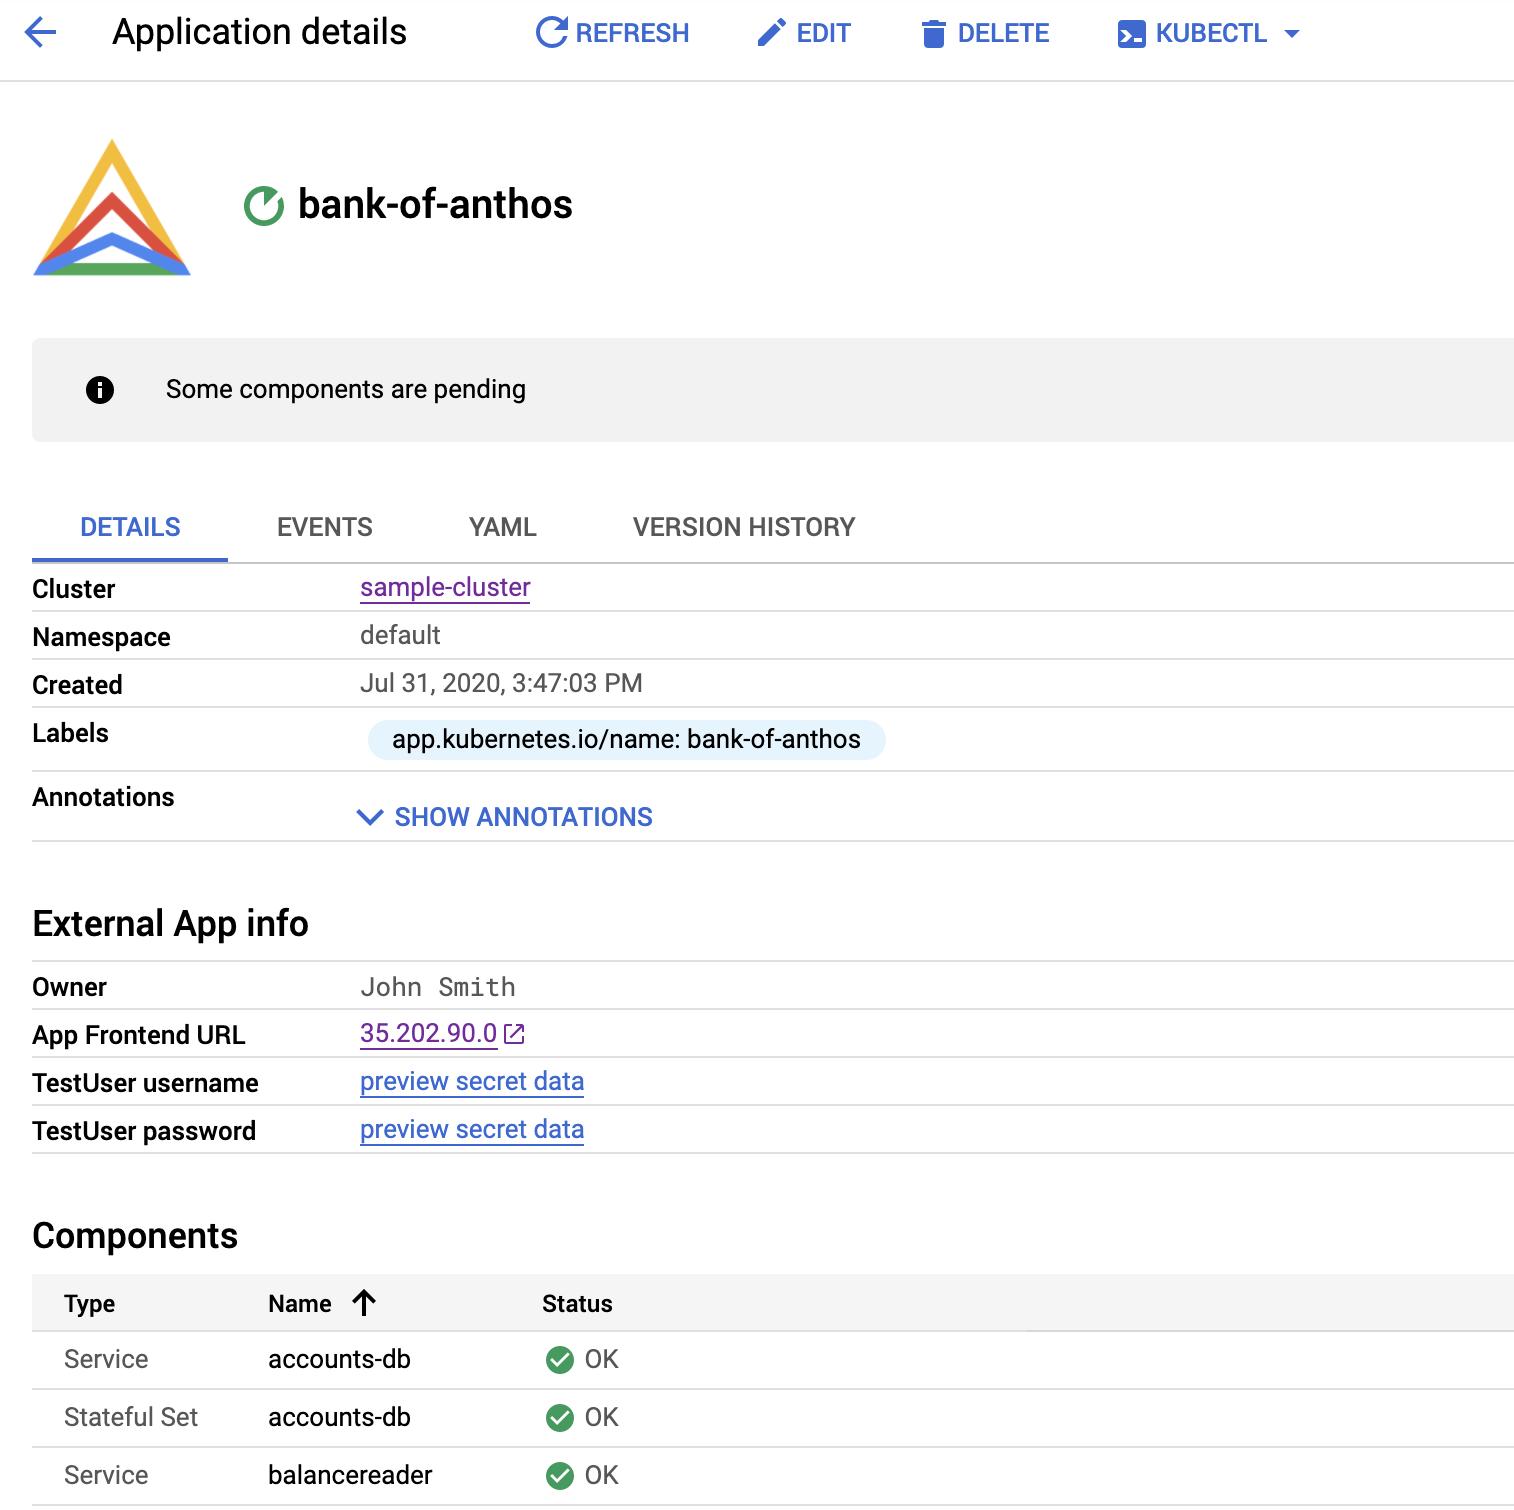 Ein Logo wird oben in der Liste der Anwendungsdetails angezeigt.